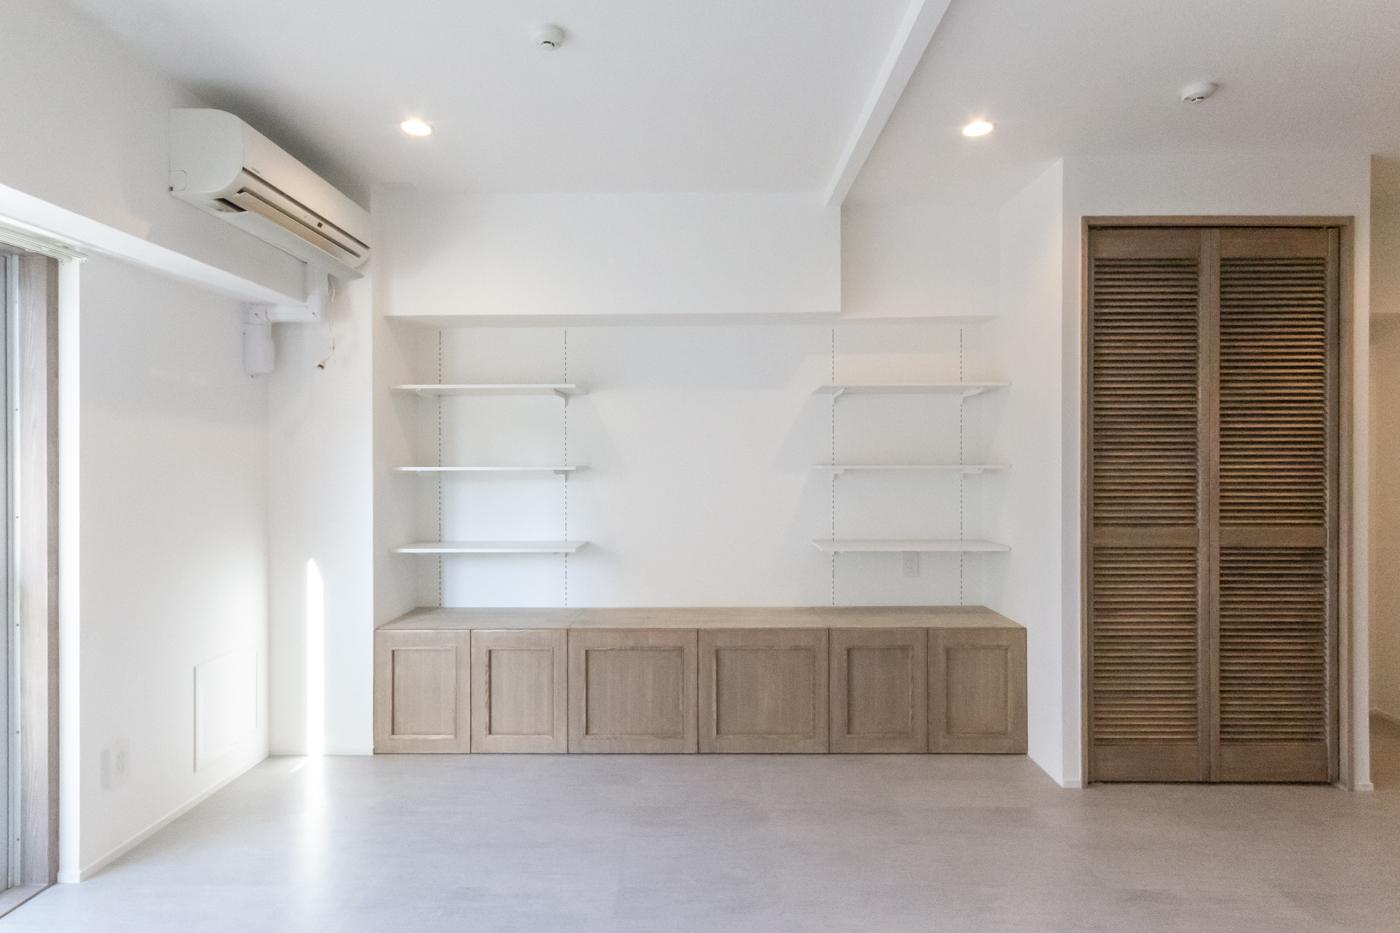 まるで備え付けかのように造作された家具。